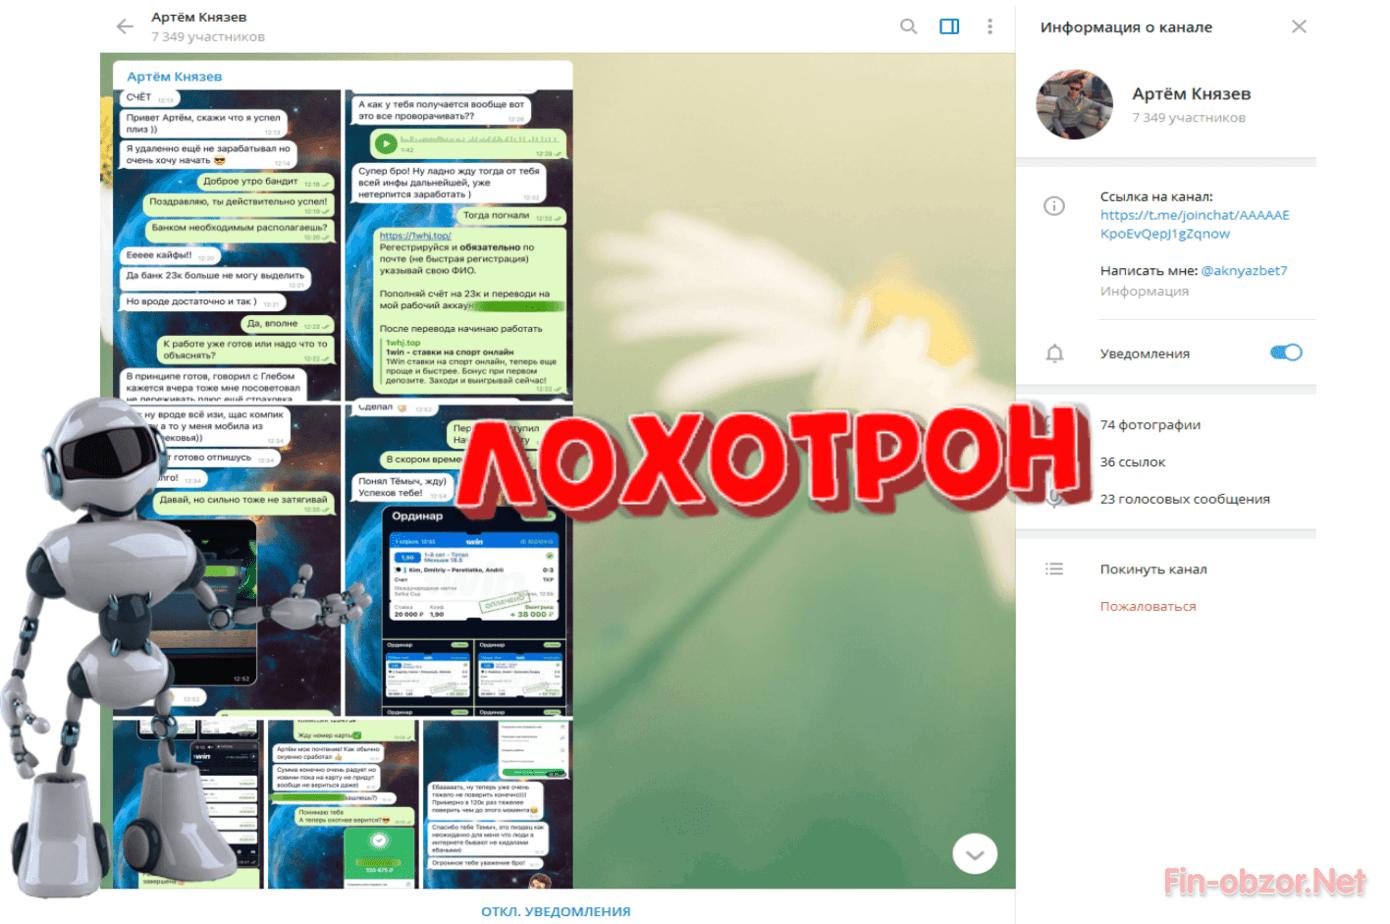 Артём Князев ставки на спорт - отзывы о каппере